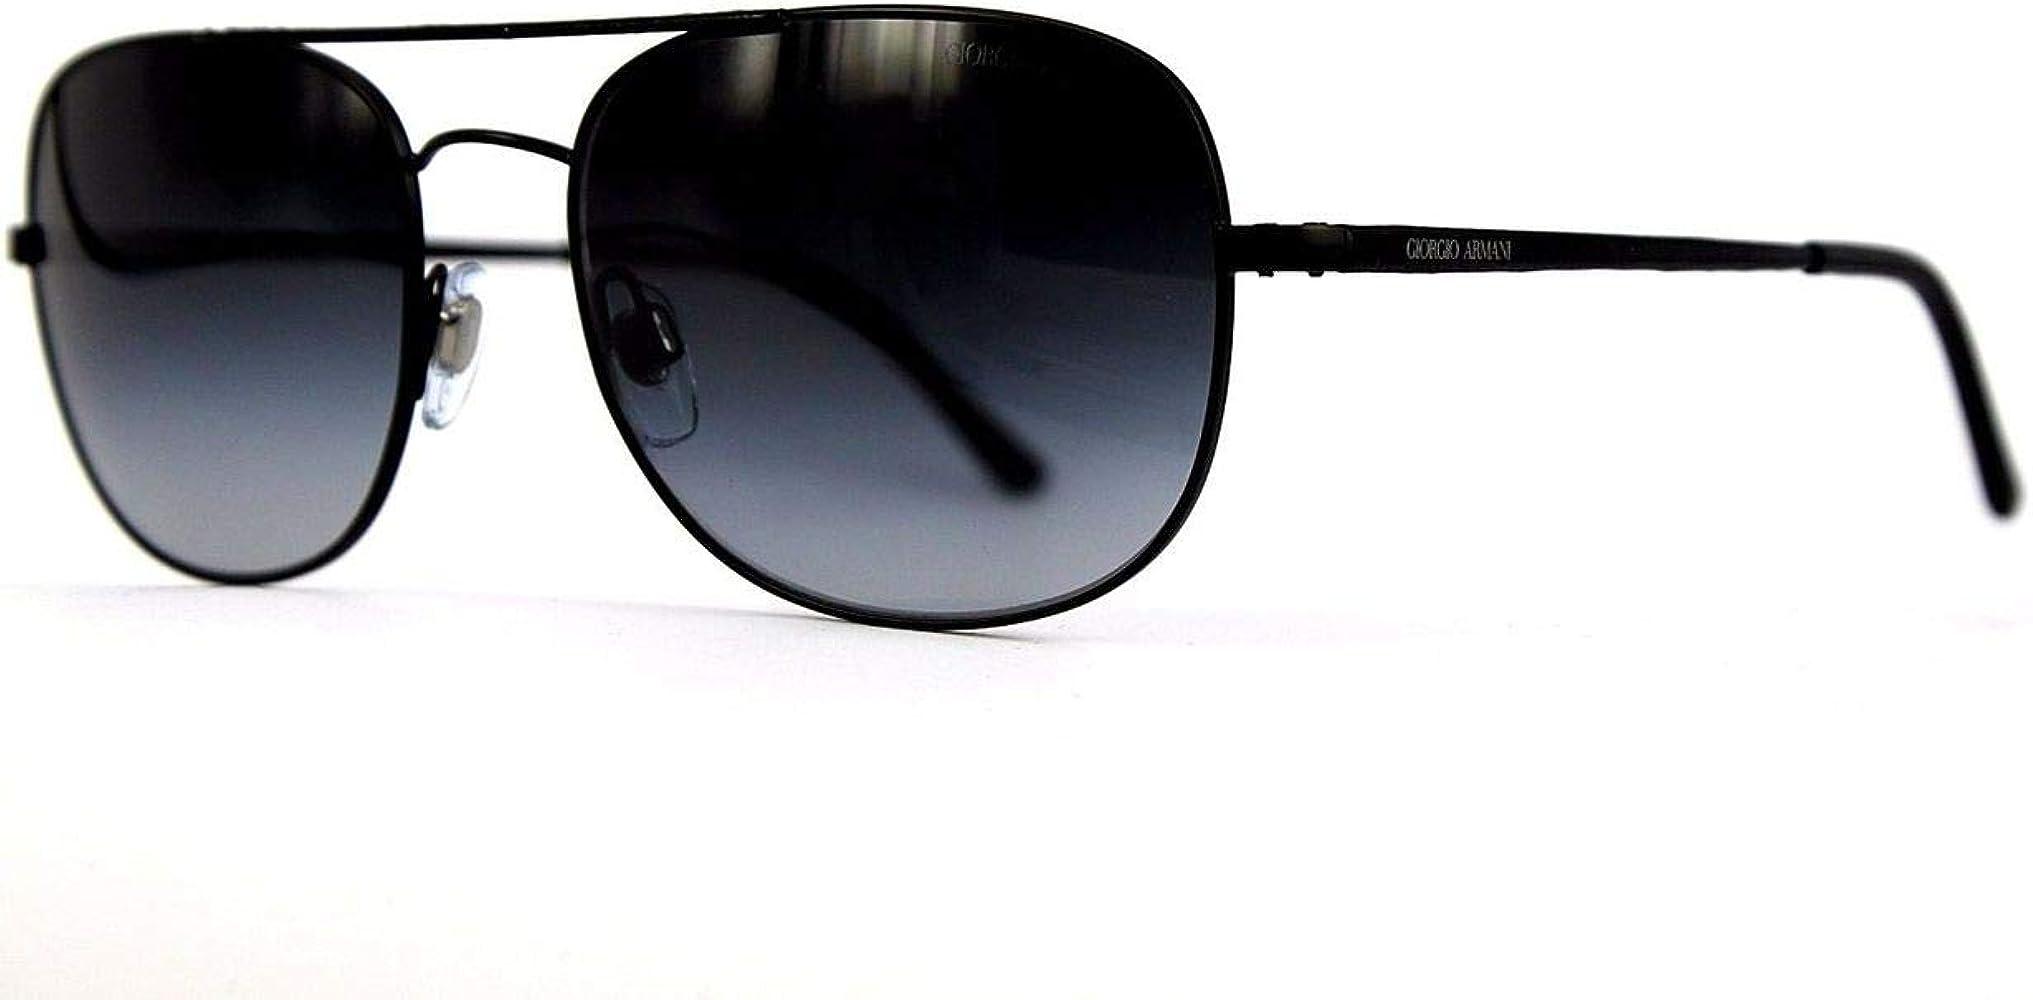 Gafas de Sol Giorgio Armani AR6012 MATTE BLACK - GREY GRADIENT: Amazon.es: Ropa y accesorios